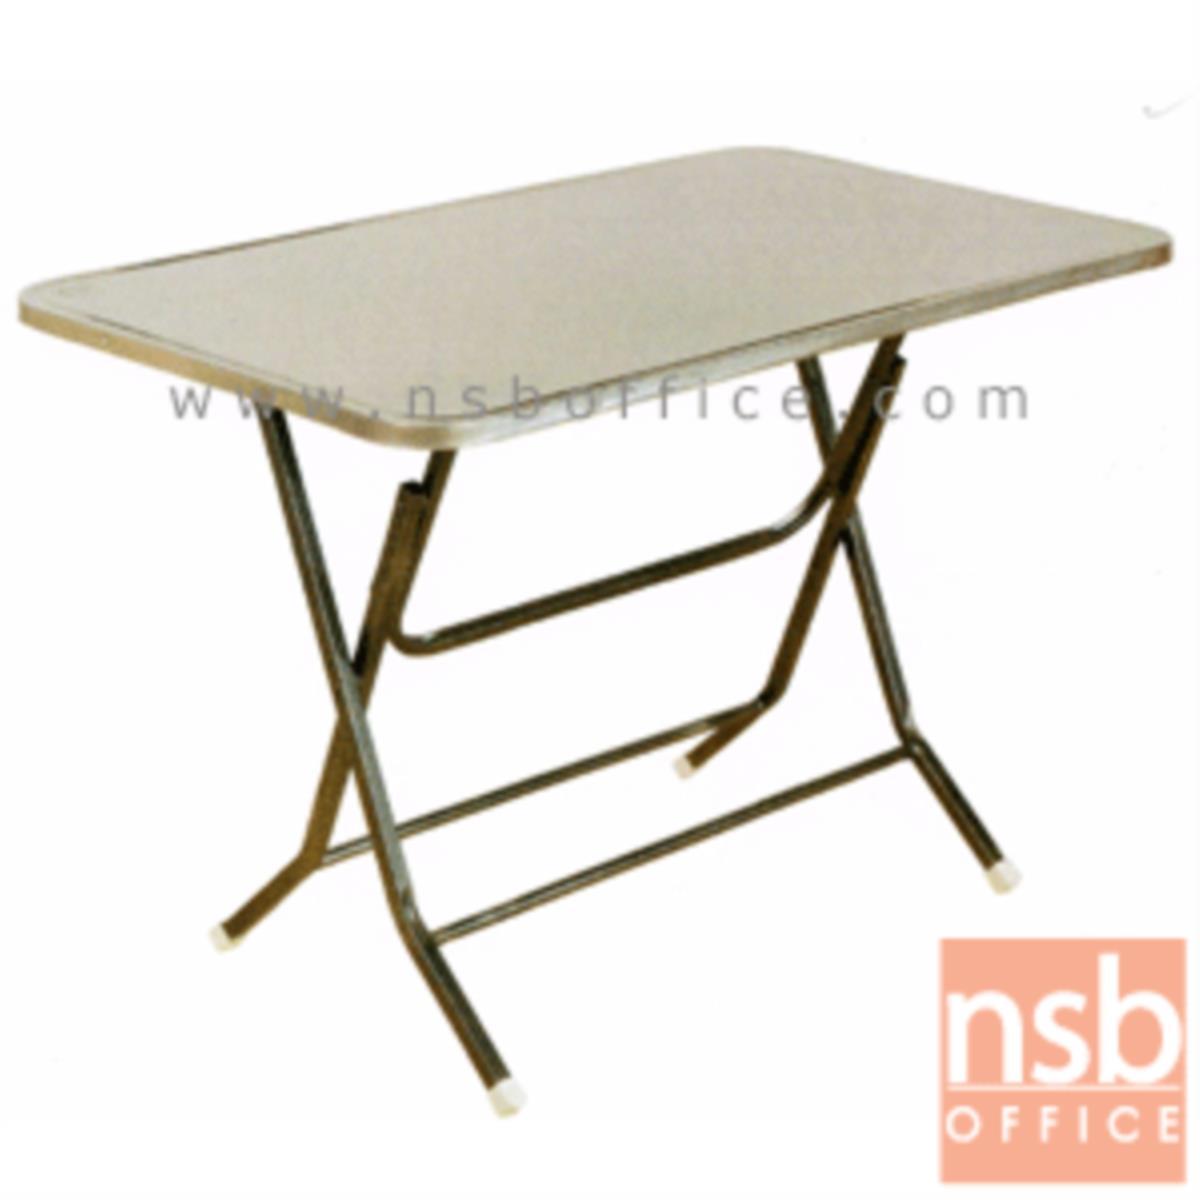 โต๊ะพับหน้าสเตนเลส รุ่น SN-WCW742 ขนาด 3 ,4 ฟุต  ขาเหล็กลายเกร็ดระเบิด